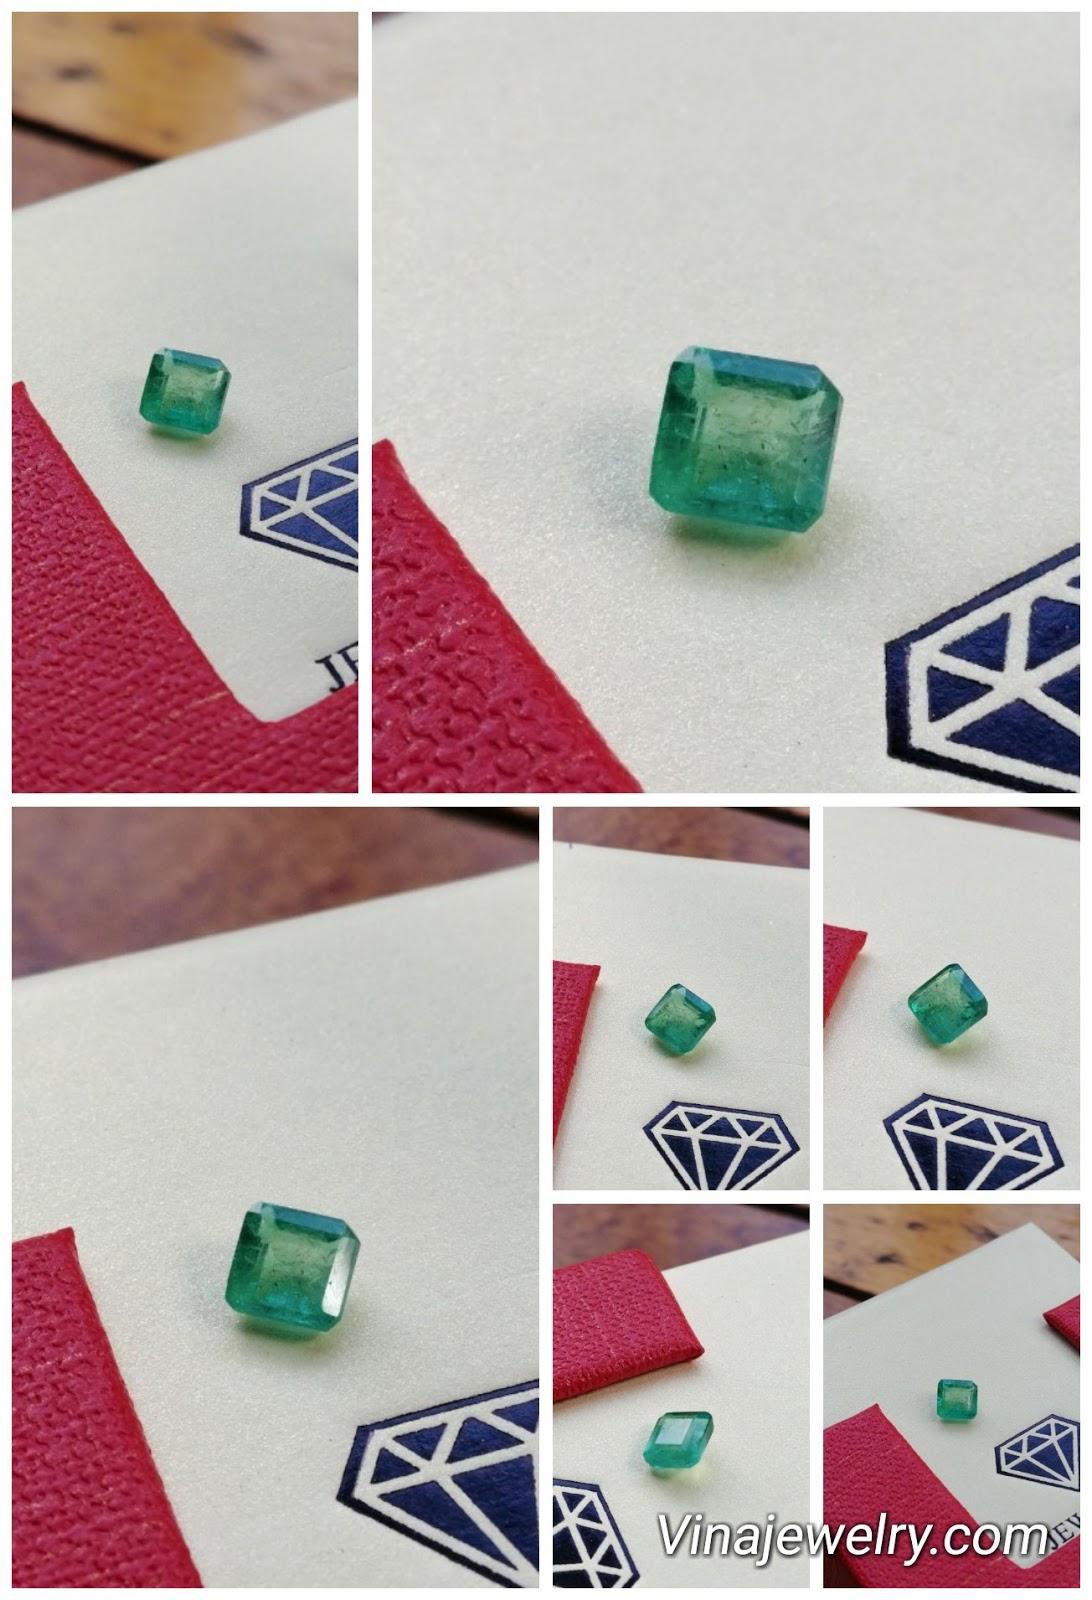 Đá Ngọc Lục Bảo thiên nhiên, Natural Emerald 0.8cts hình vuông xanh đẹp